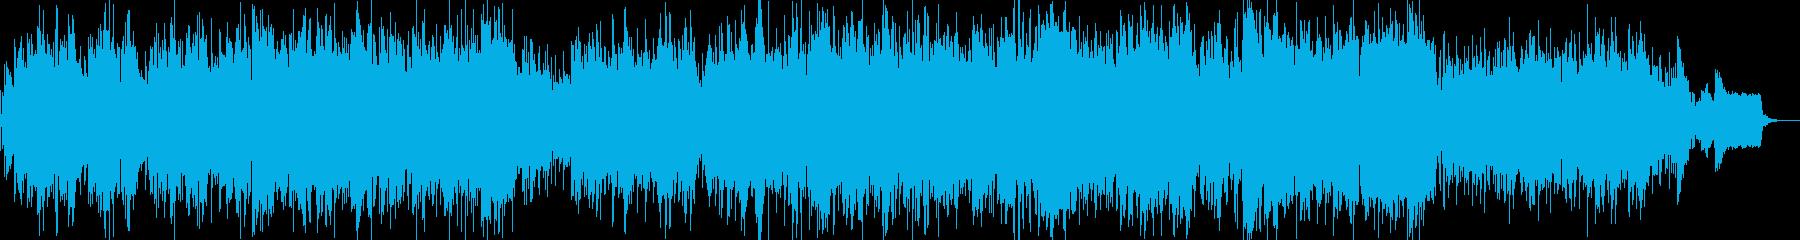 ミディアムテンポの切ない系ポップバラードの再生済みの波形